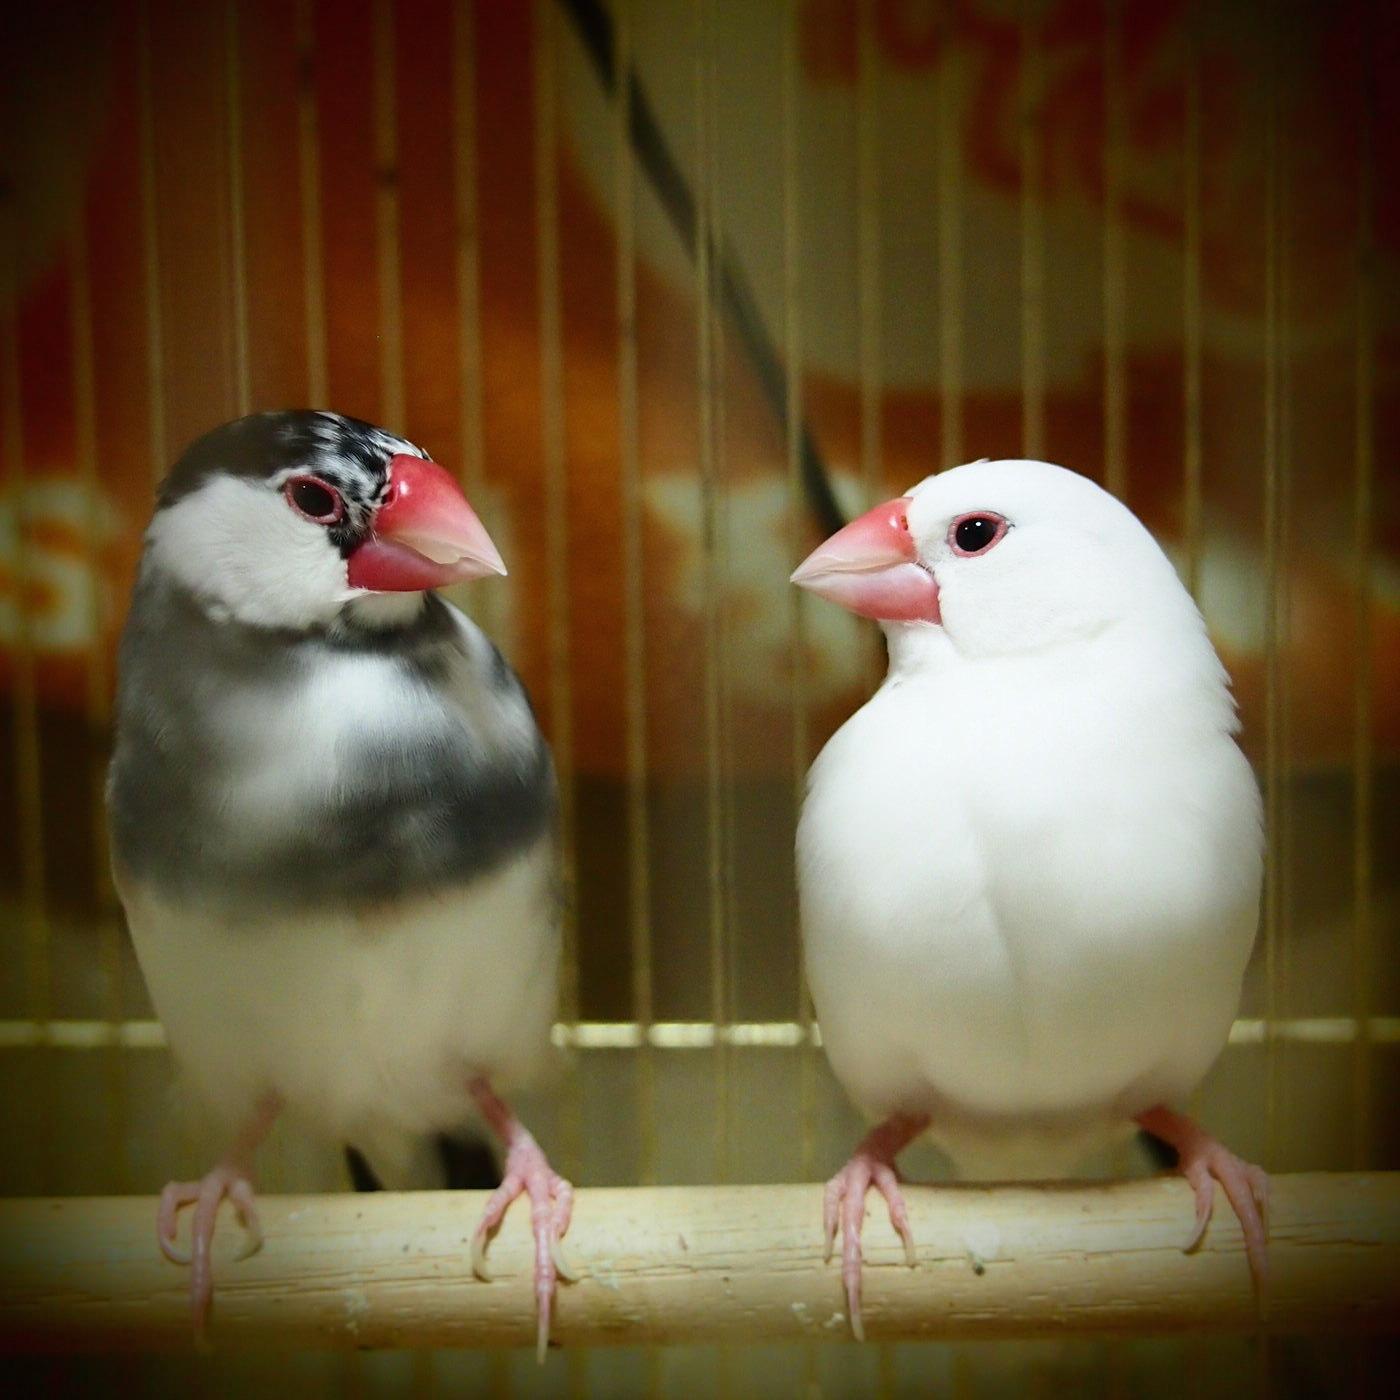 桜文鳥のはるおと白文鳥しろちゃんの紹介